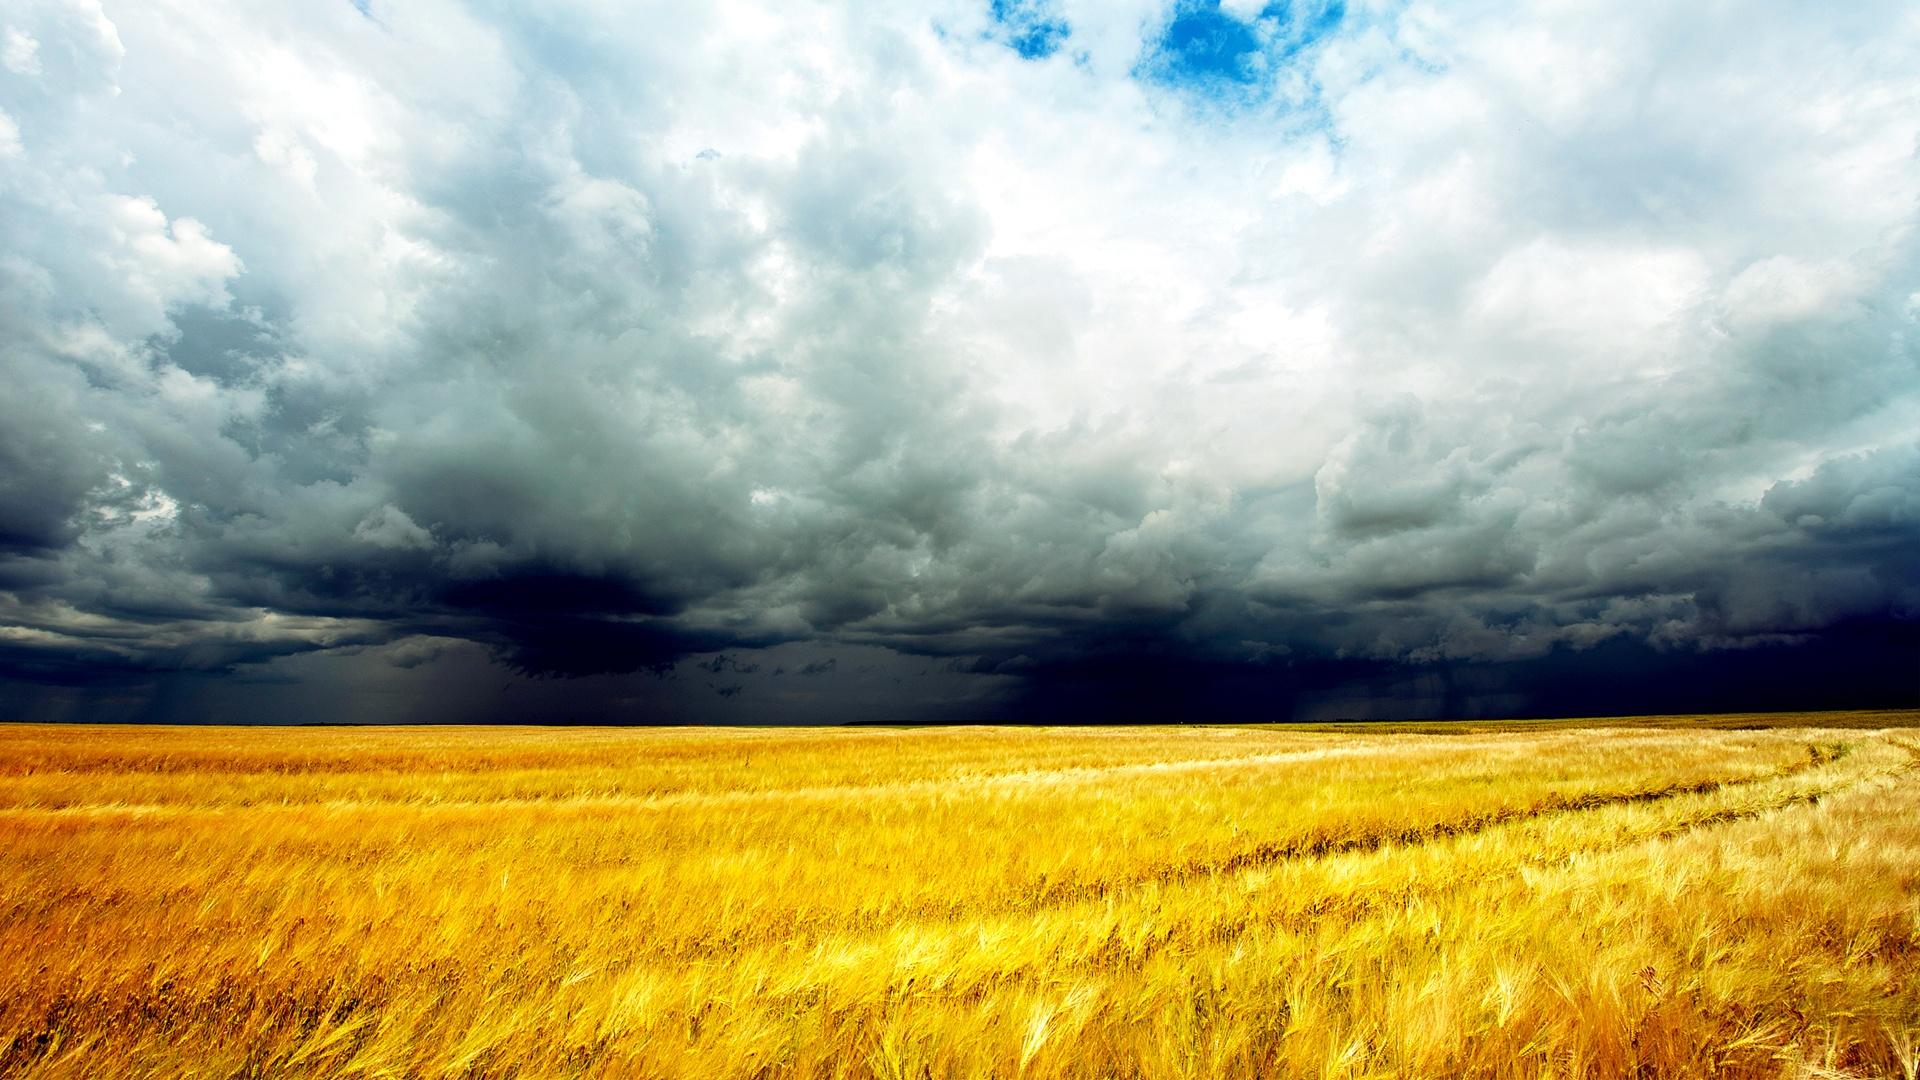 Запаси продуктивної вологи у ґрунті (у мм) на території Донецької області